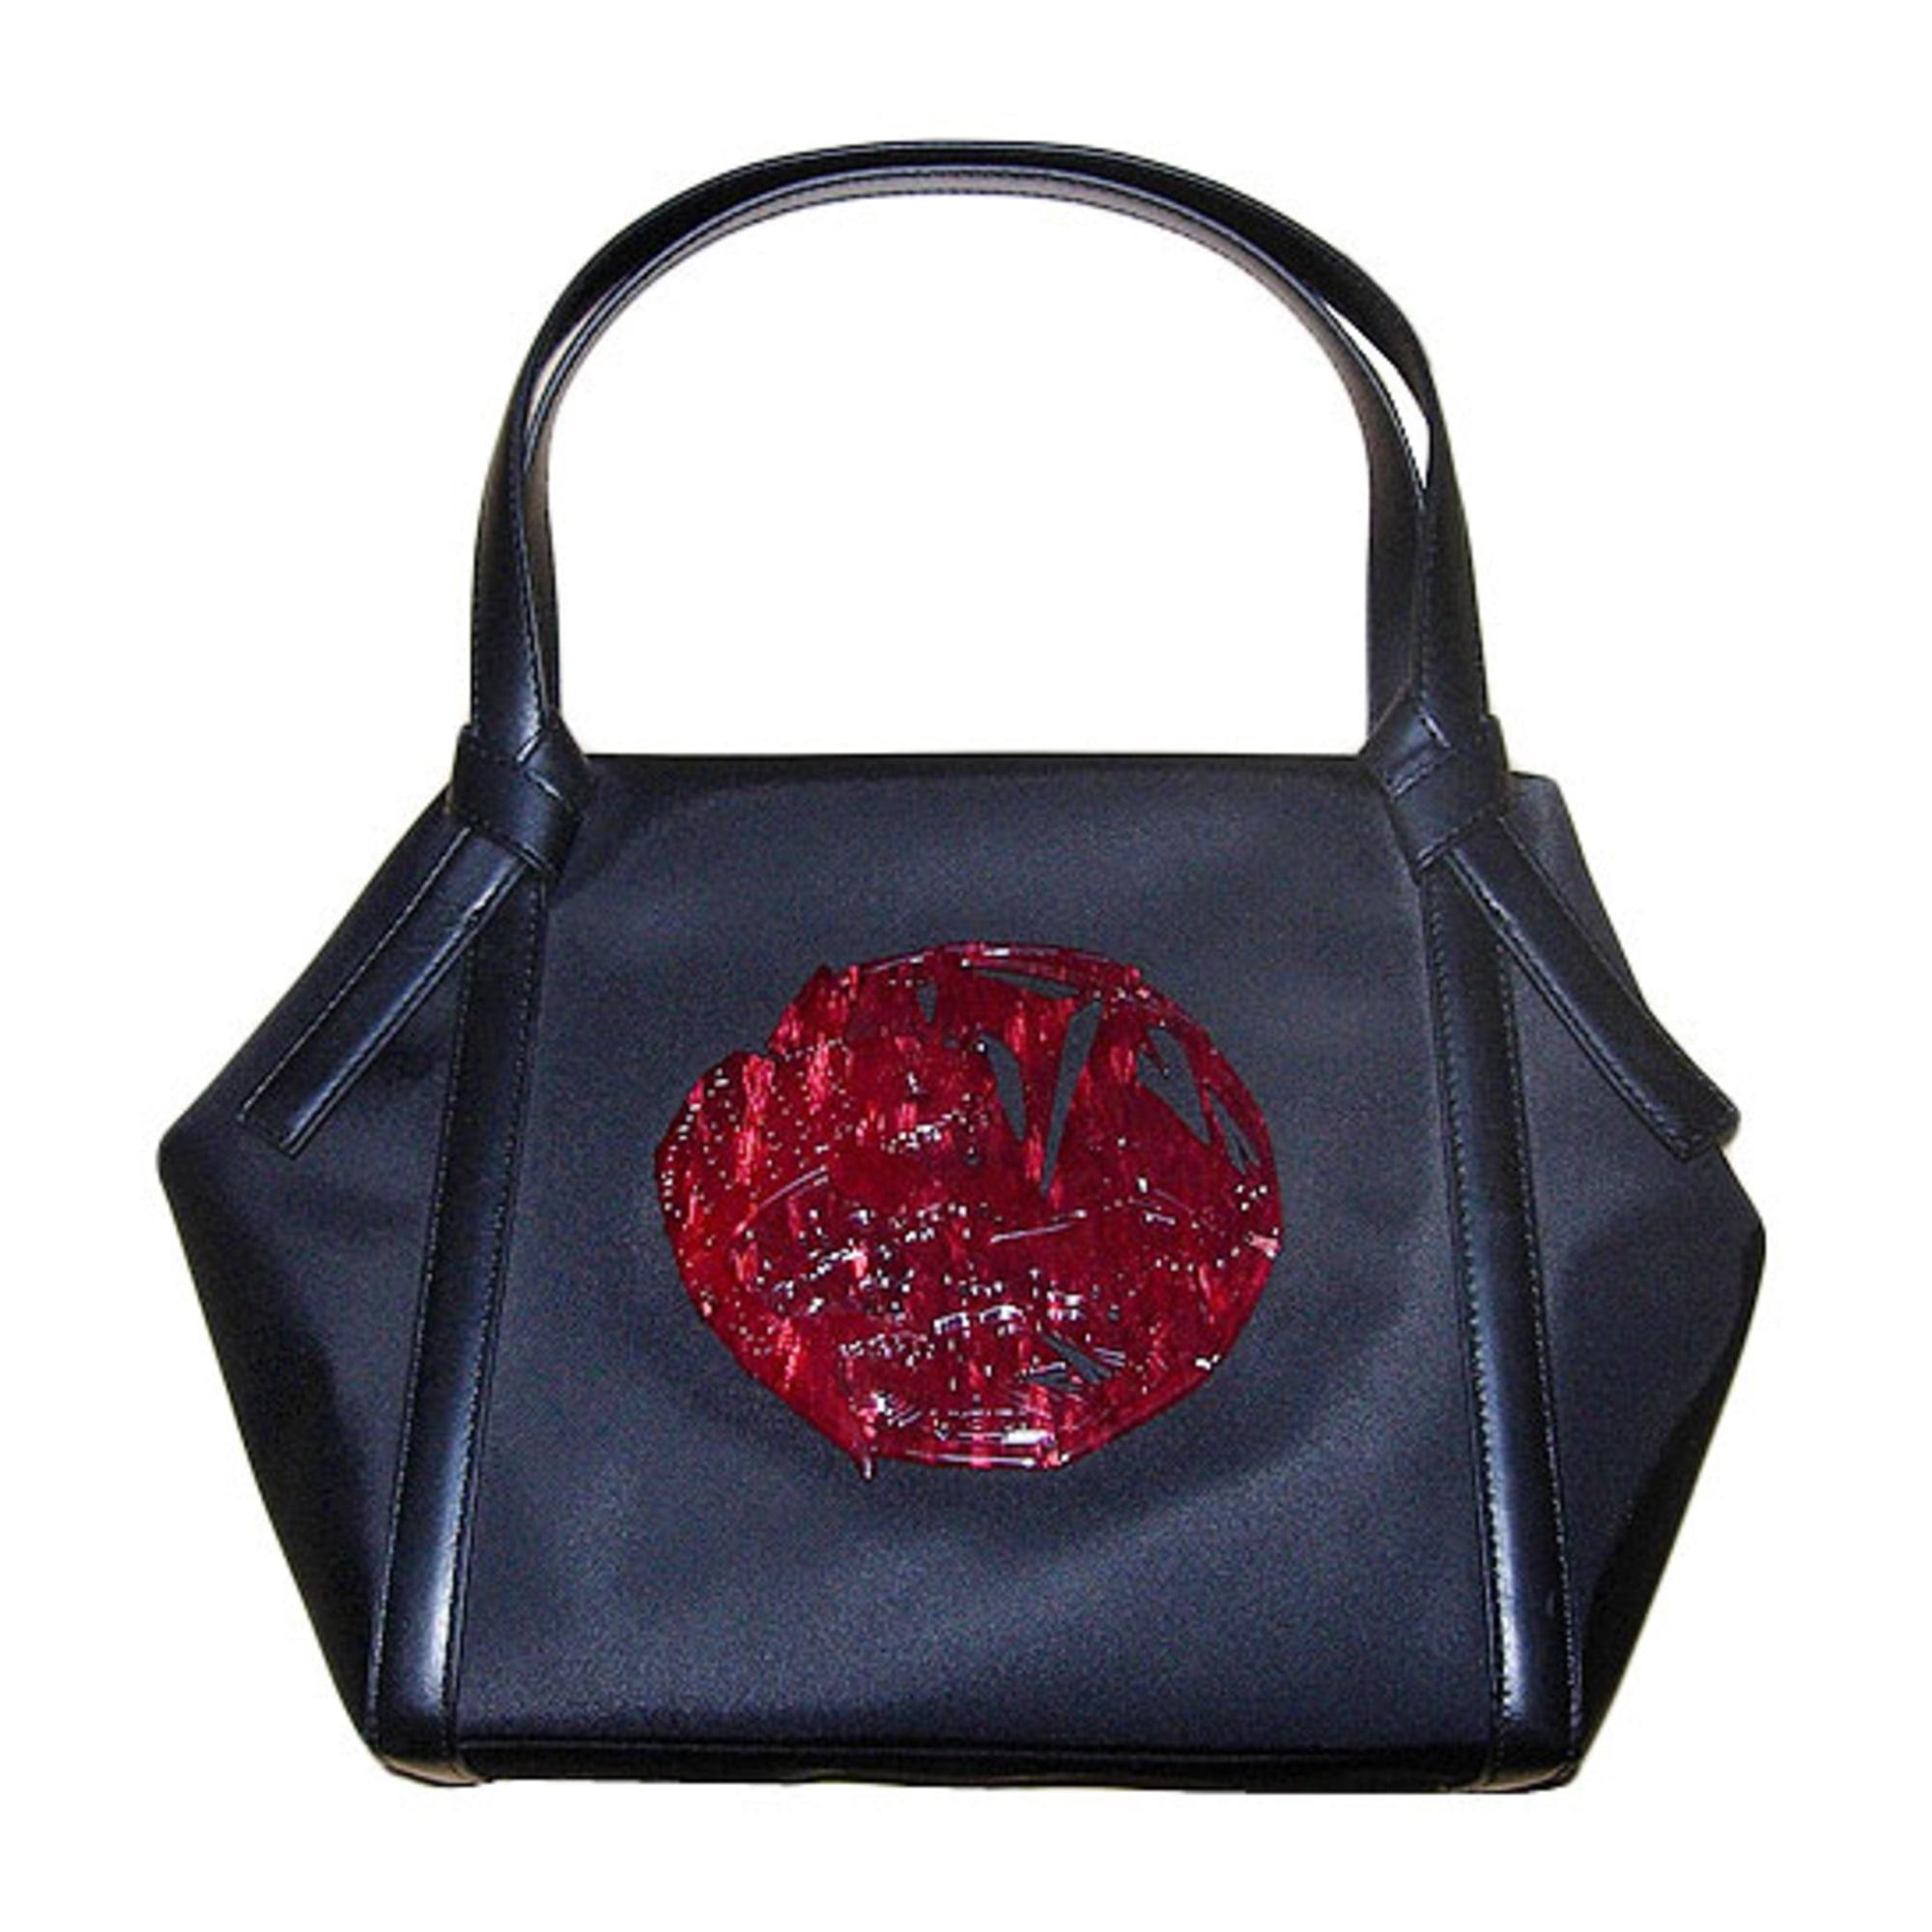 Sac à main en tissu KENZO noir vendu par Marie-emilie 3434391 - 2267233 3c7a34fefe8